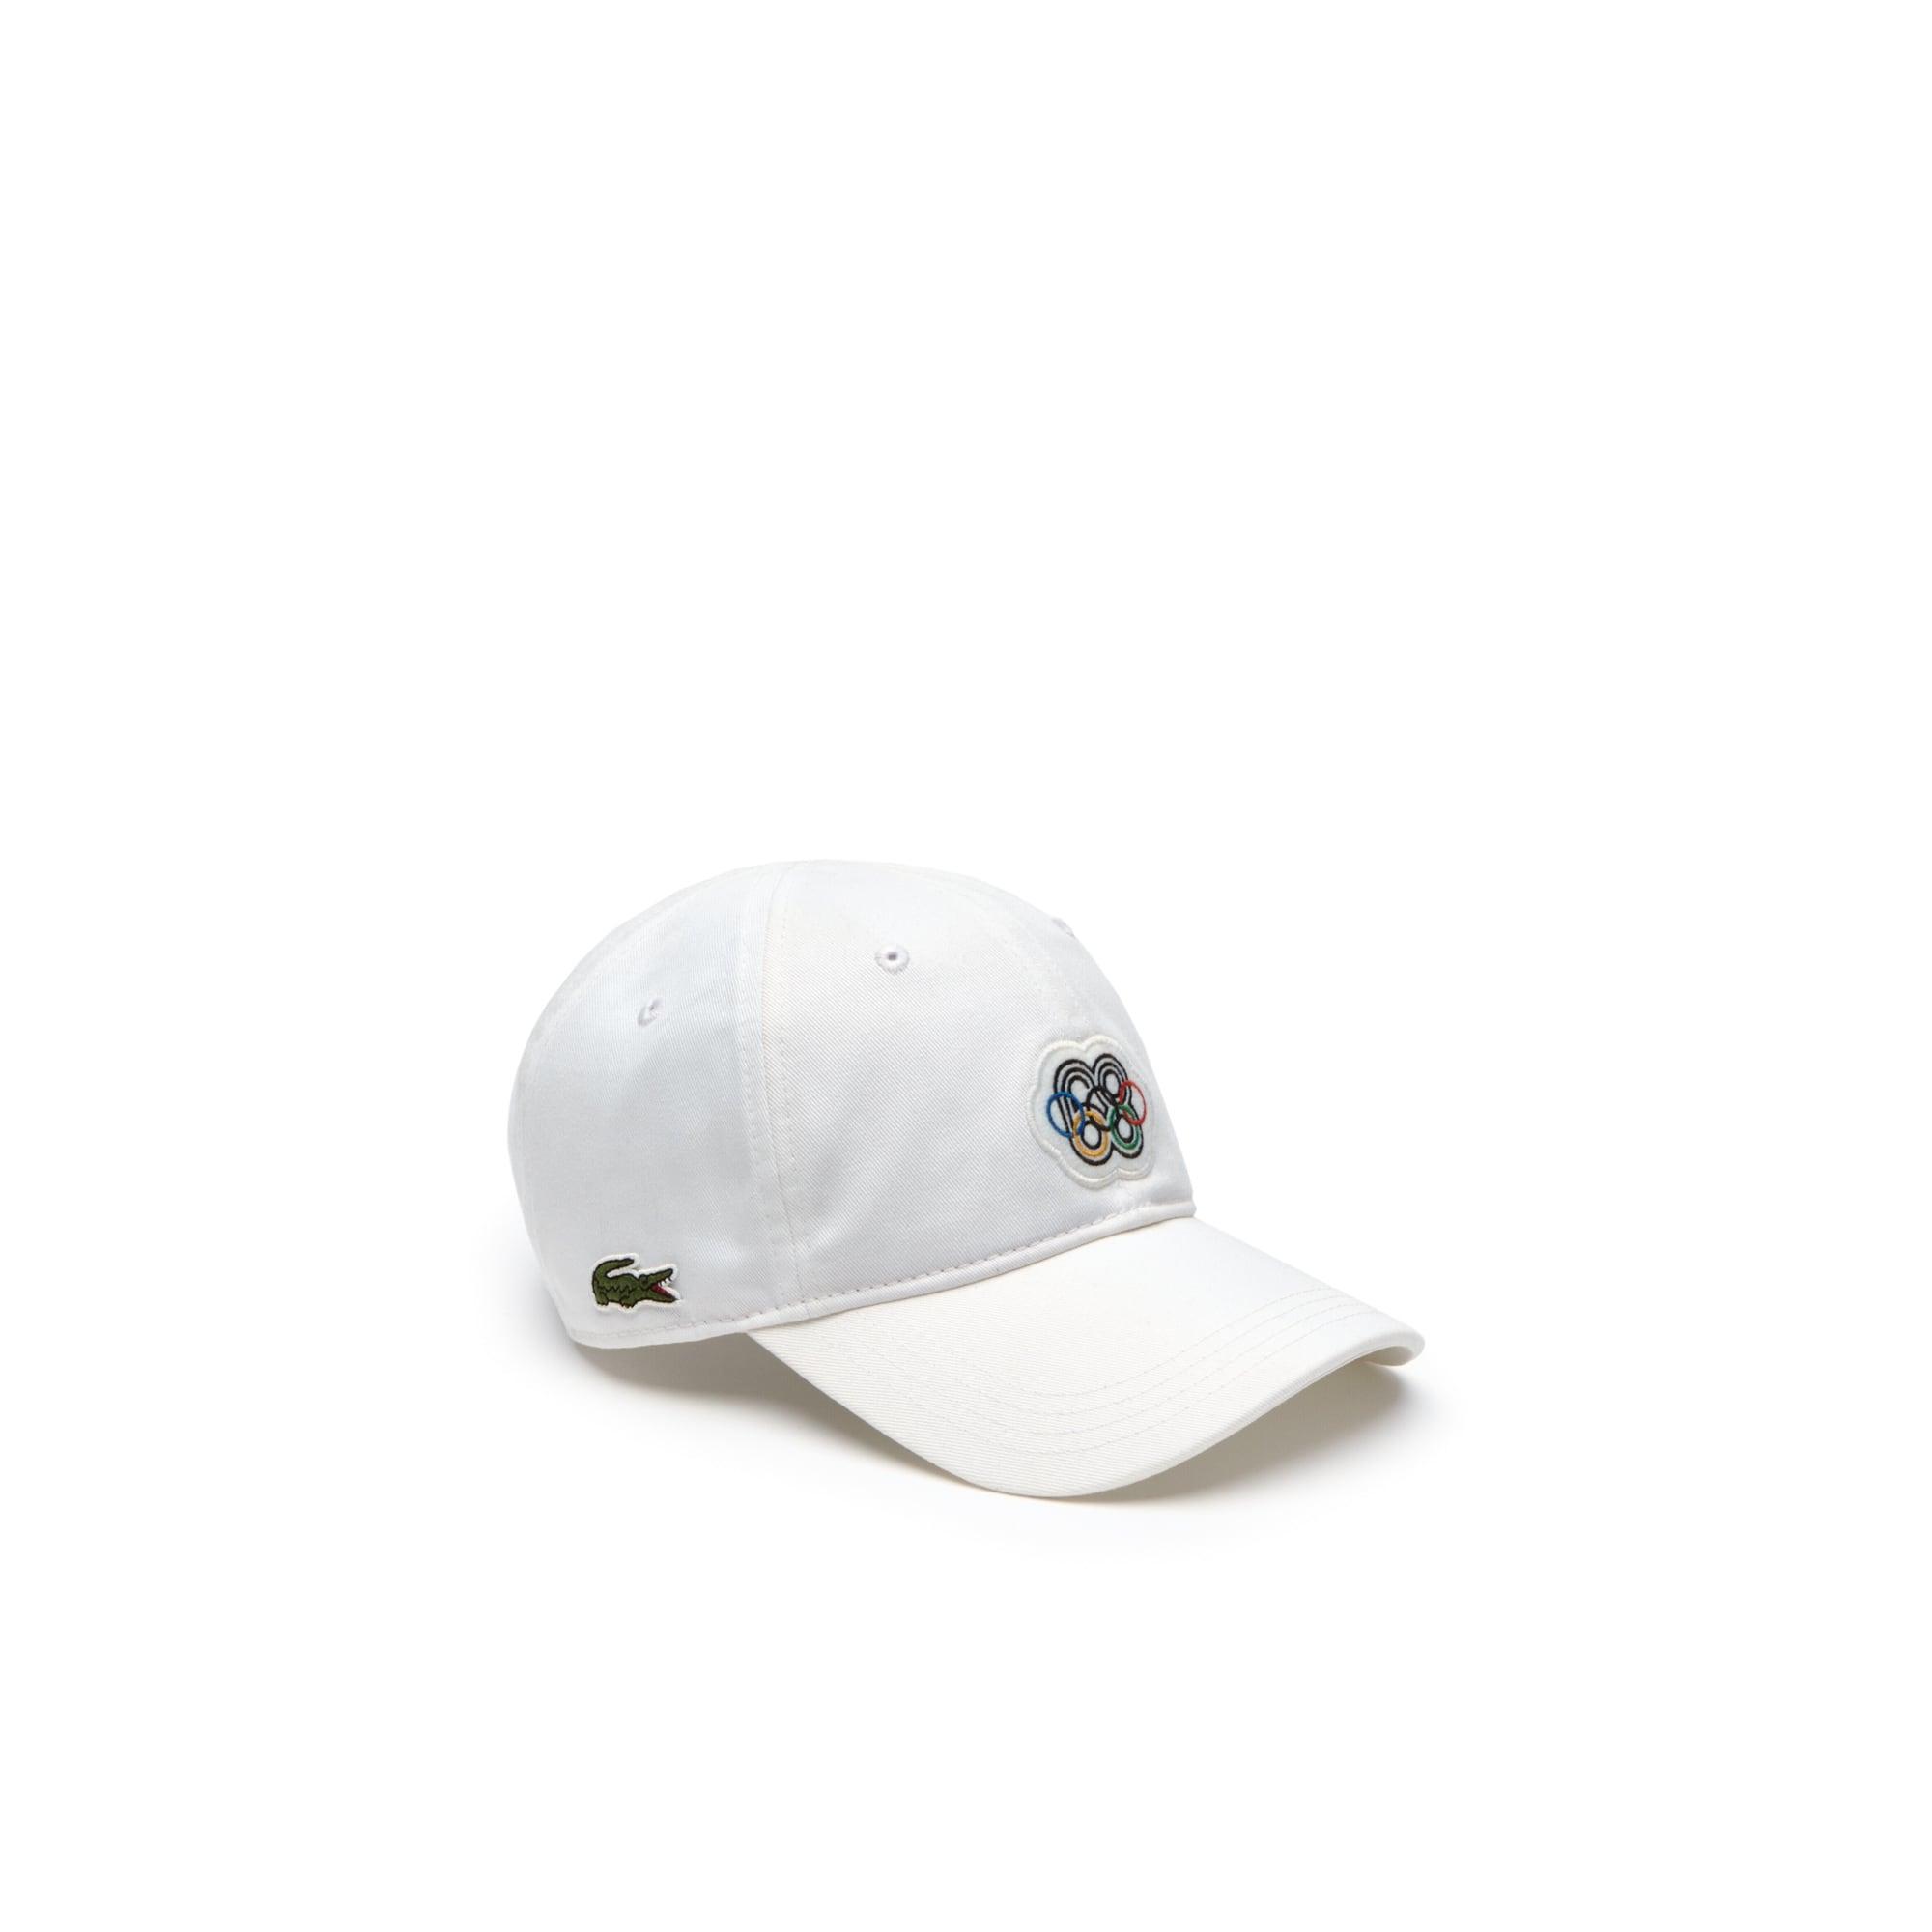 Lacoste SPORT系列奥运会纪念版华达呢帽